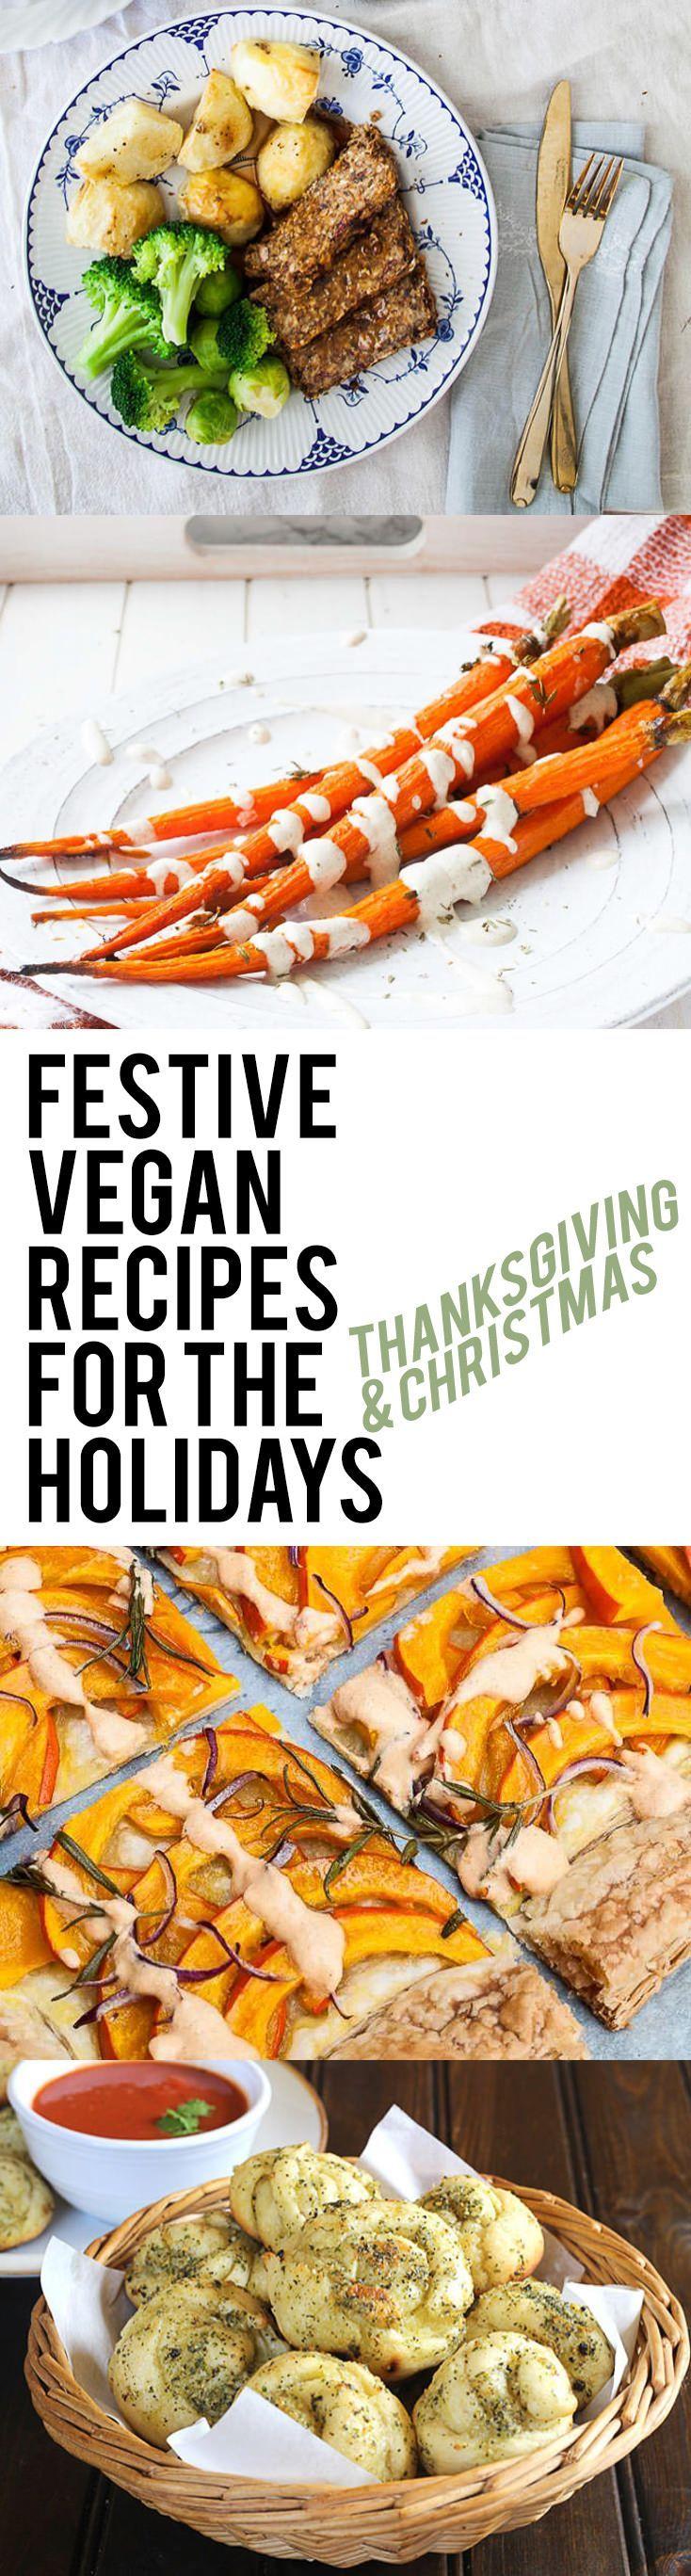 Festive Vegan Recipes for the Holidays (Thanksgiving & Christmas) | http://ElephantasticVegan.com